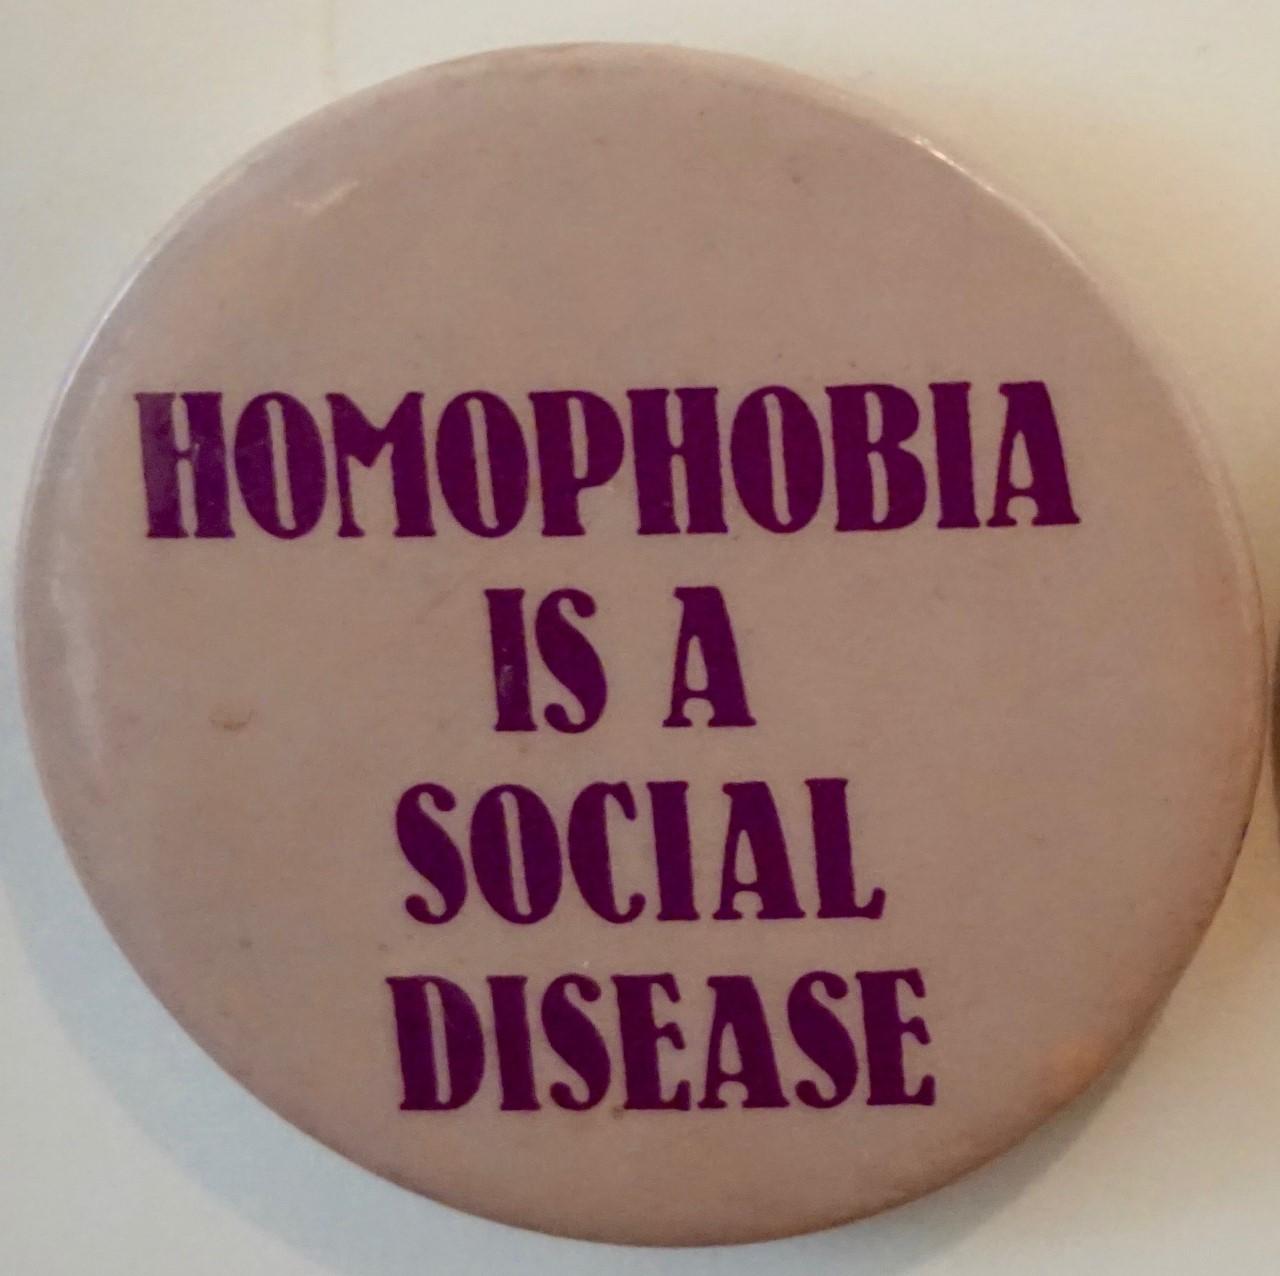 Burron reading homophobia is a social disease